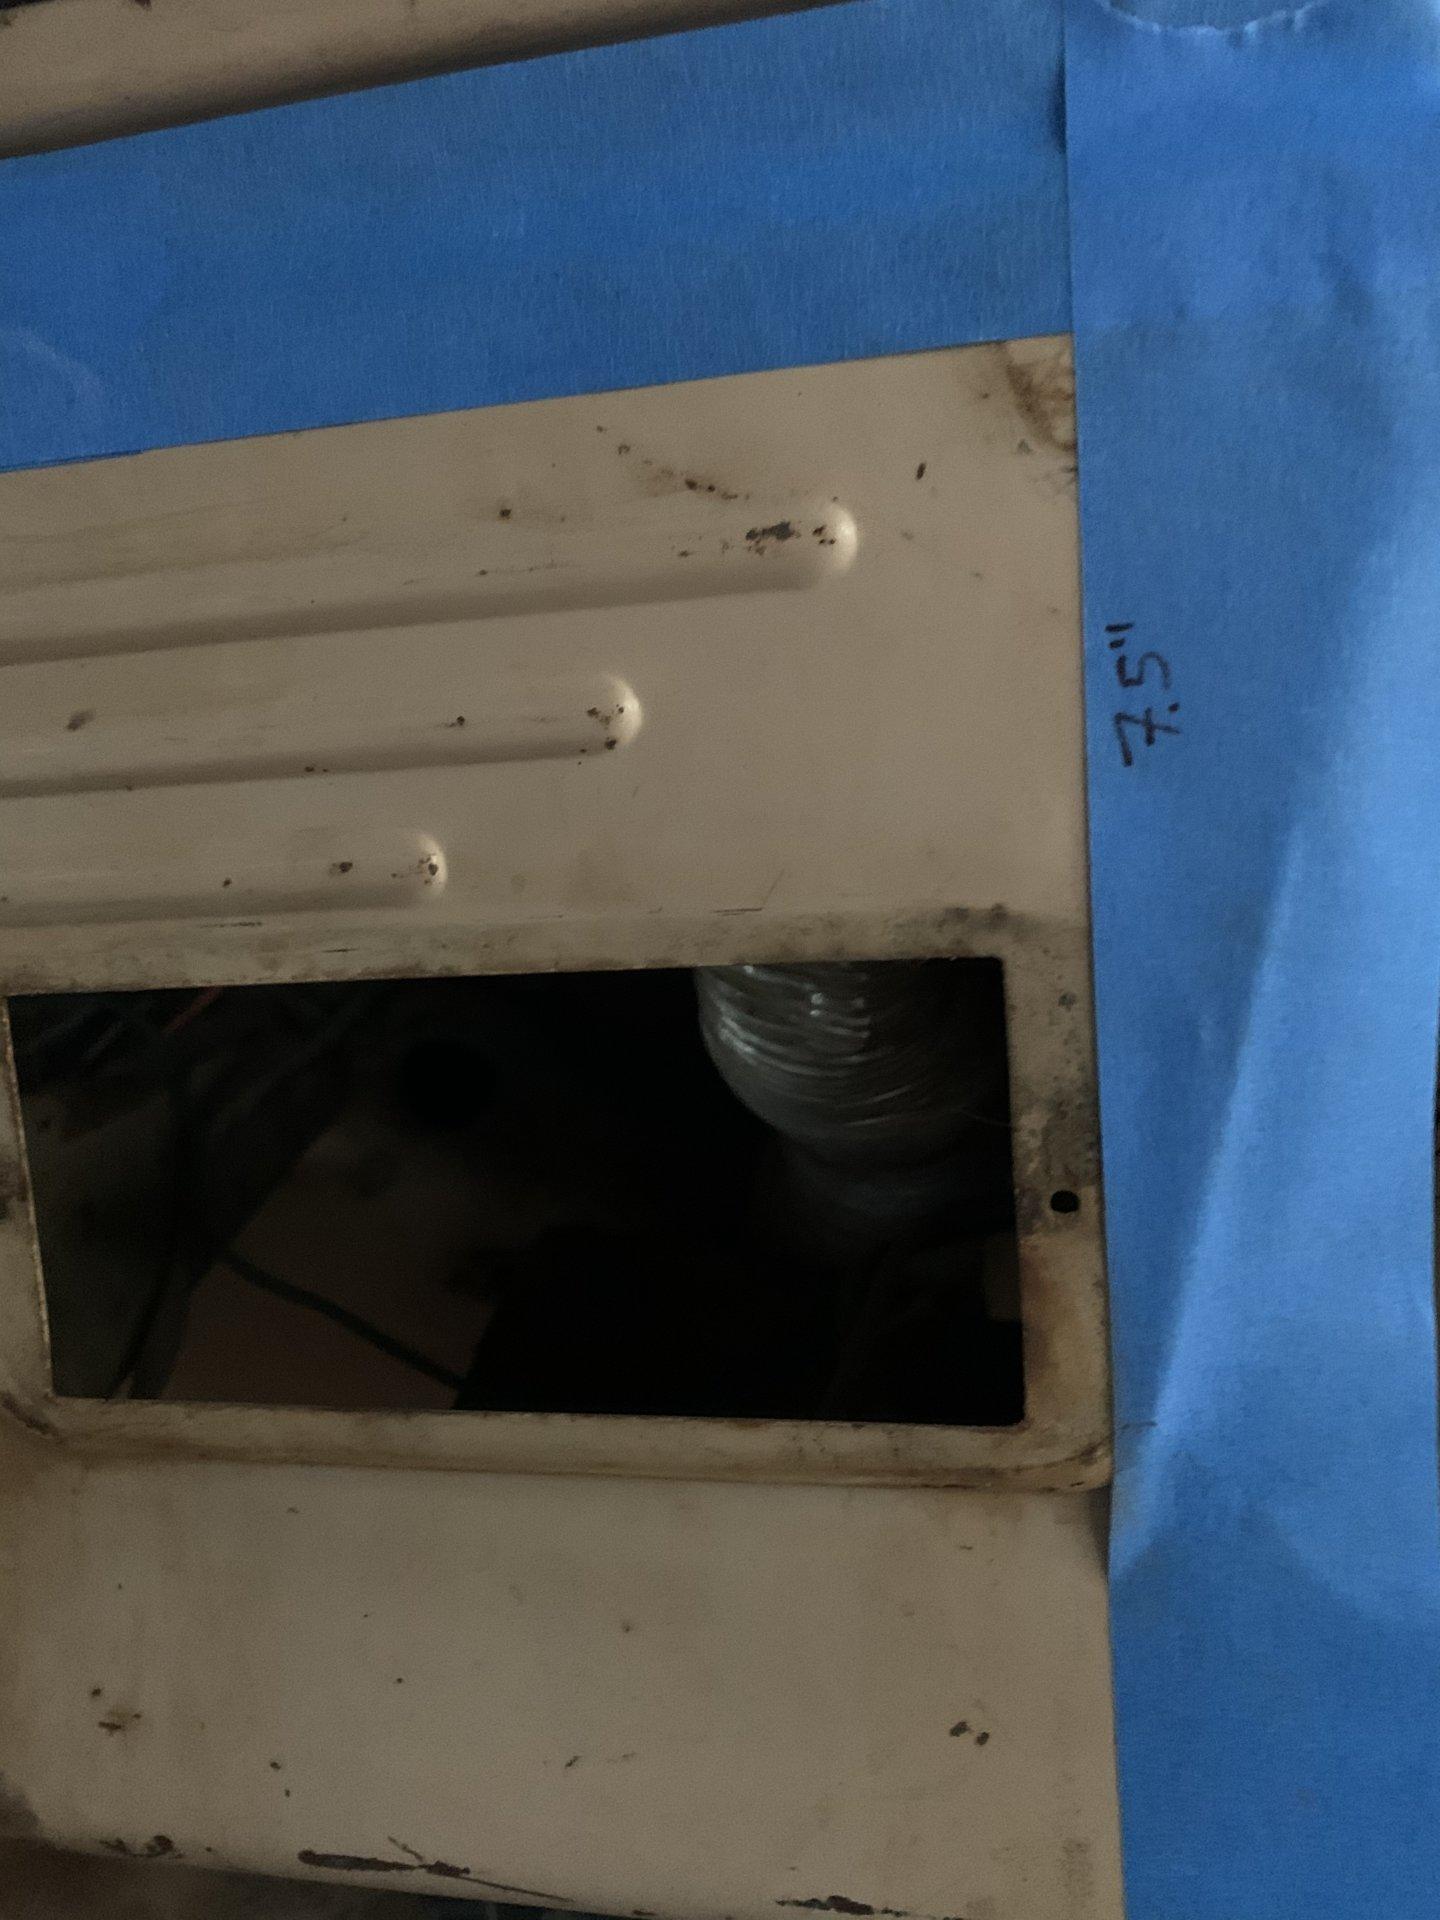 AAD79503-8D97-4165-84F0-CC5BFC0F15F5.jpeg